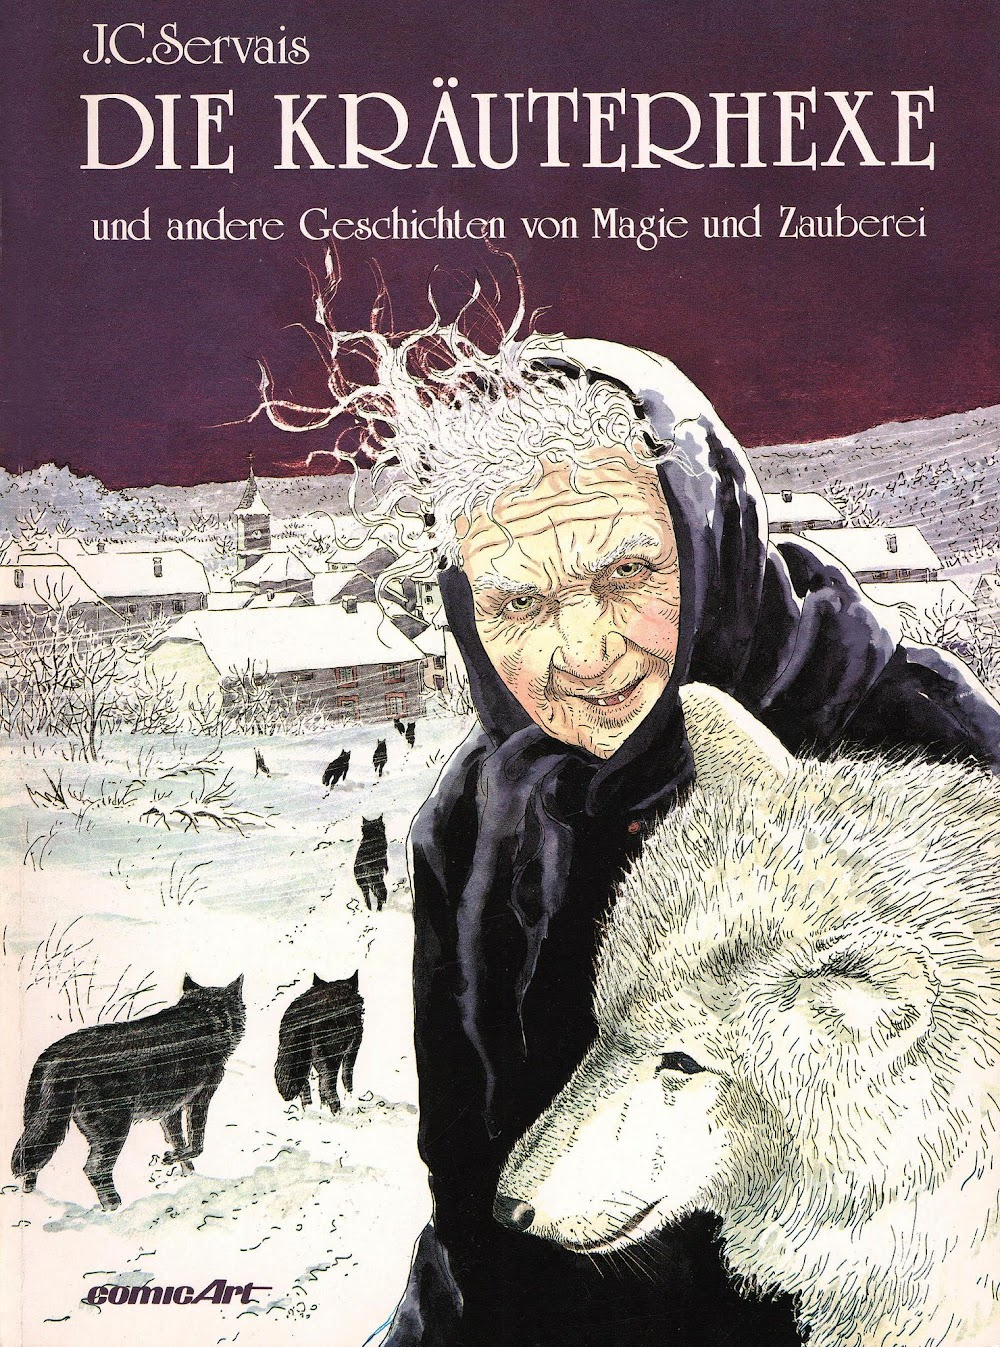 Die Kräuterhexe (1984)